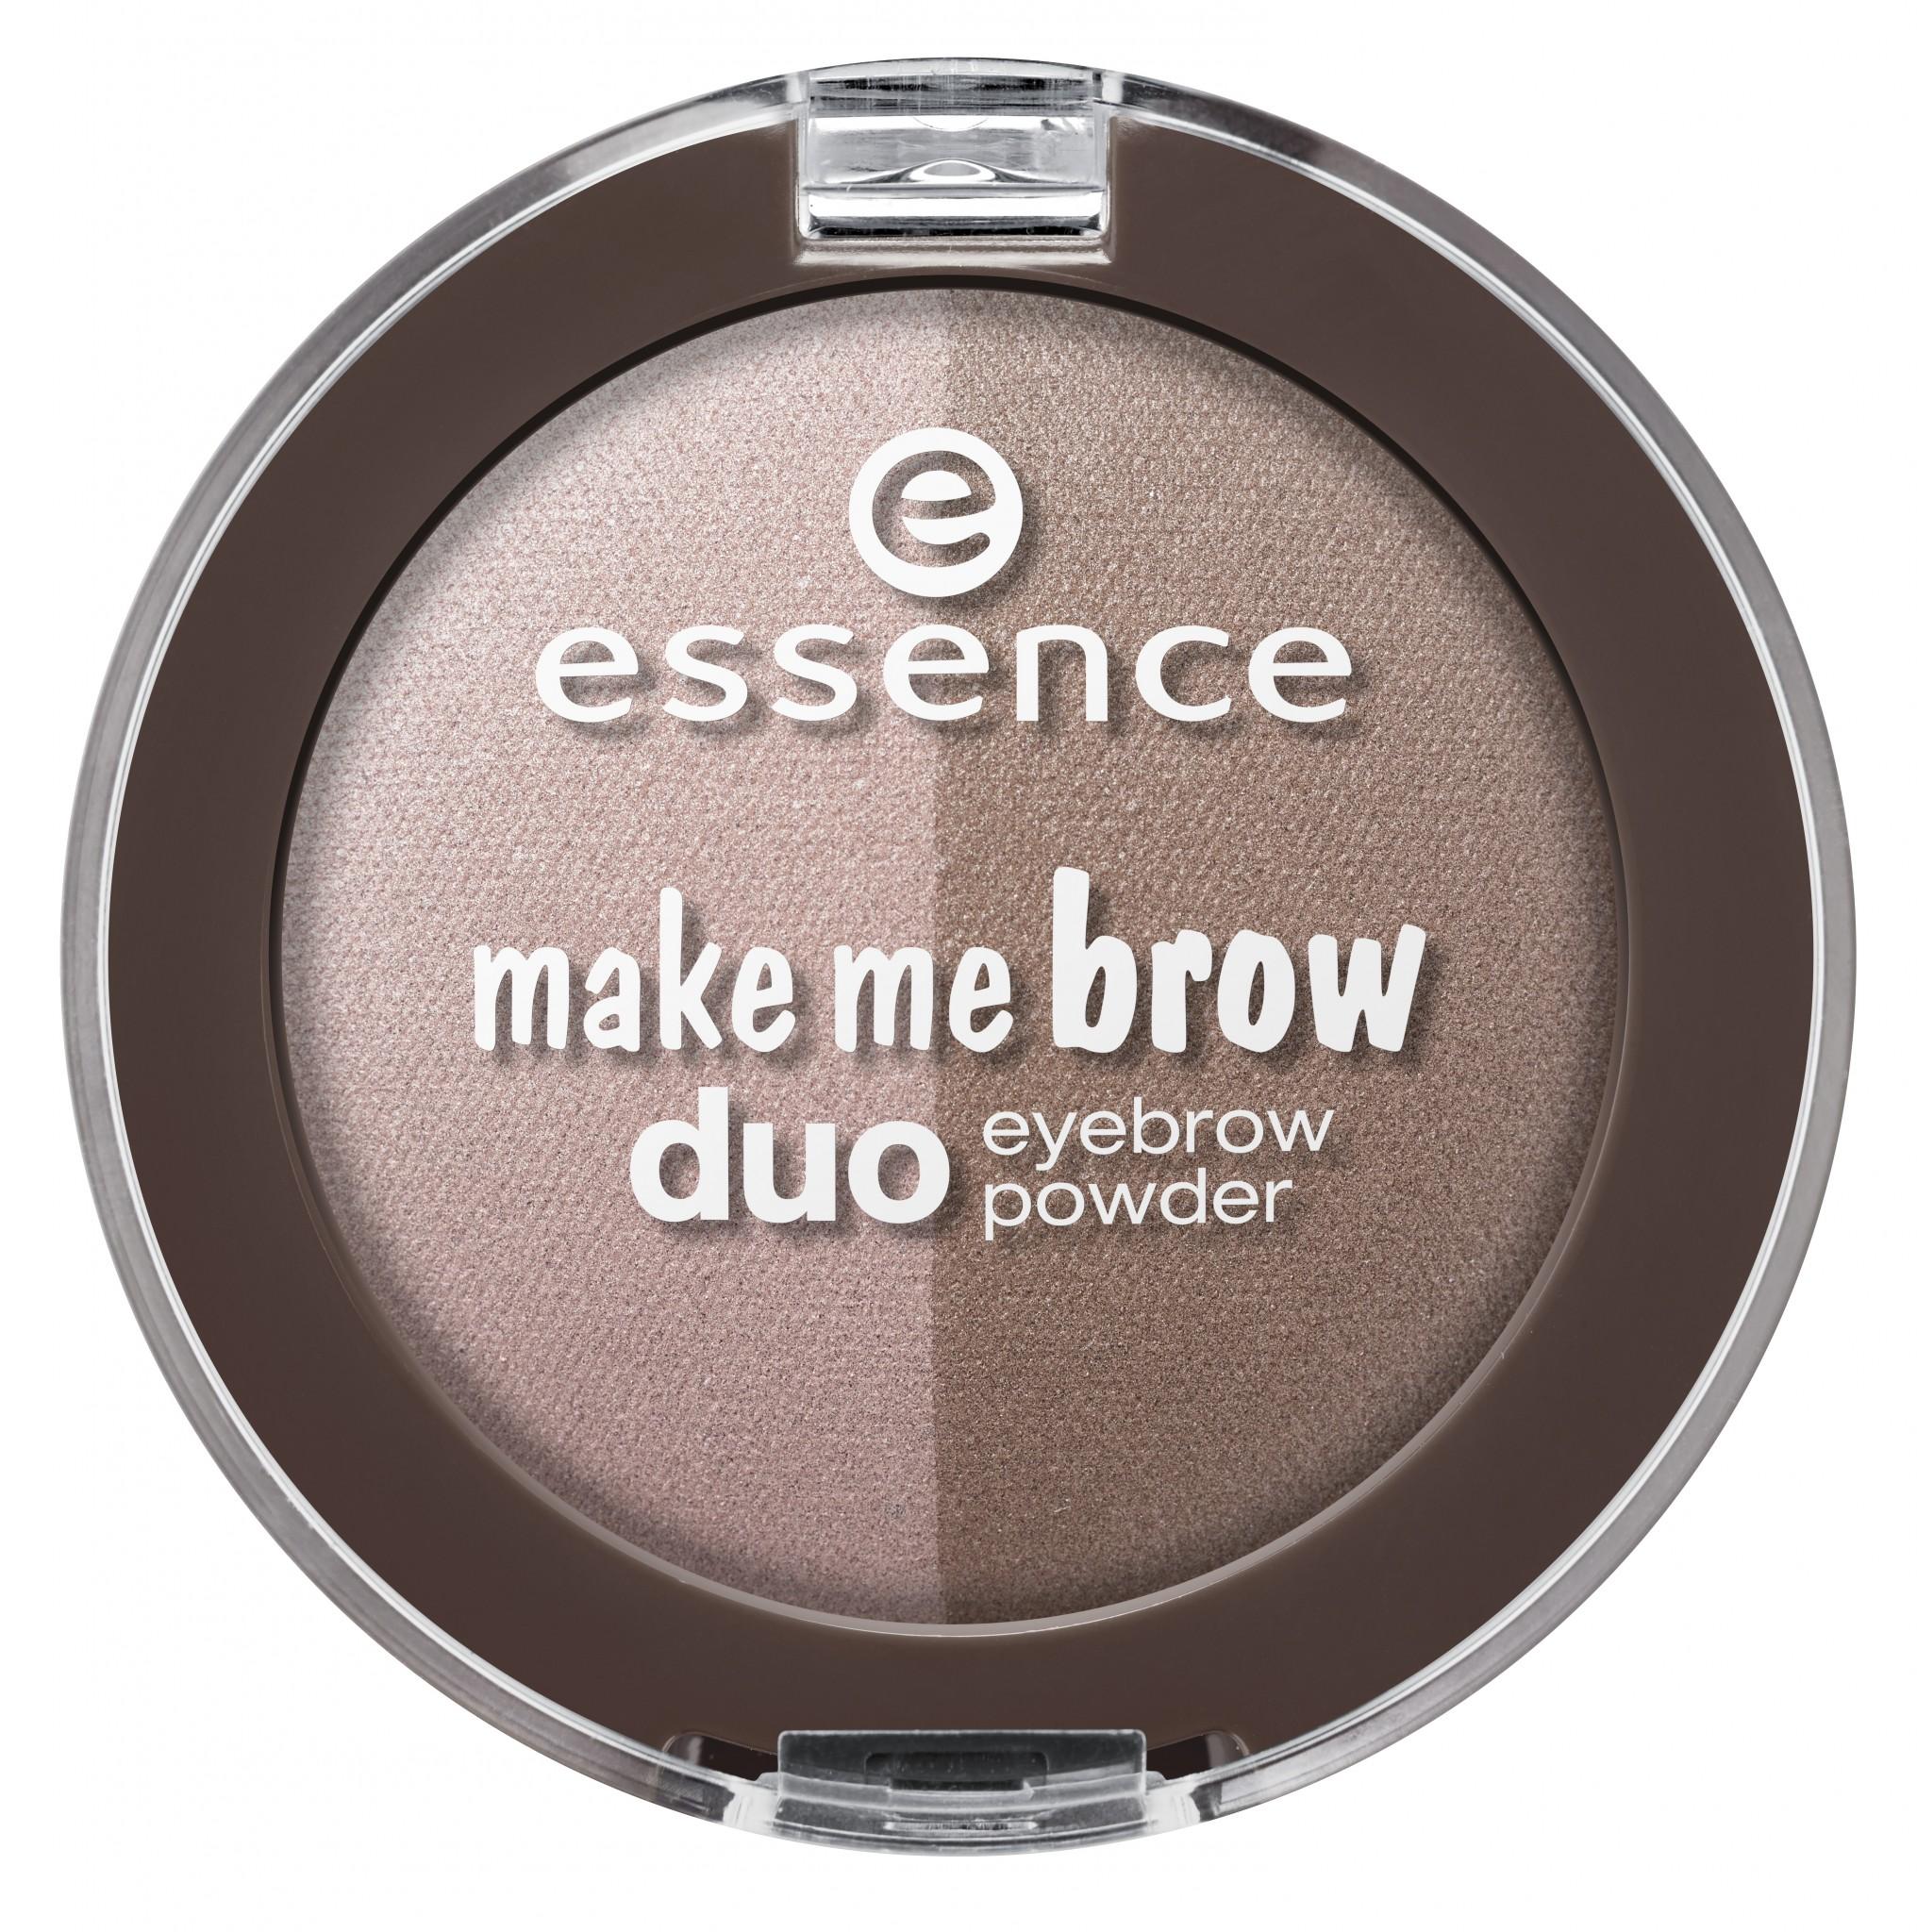 ess_make_me_brow_duo_eyebrow_powder_01